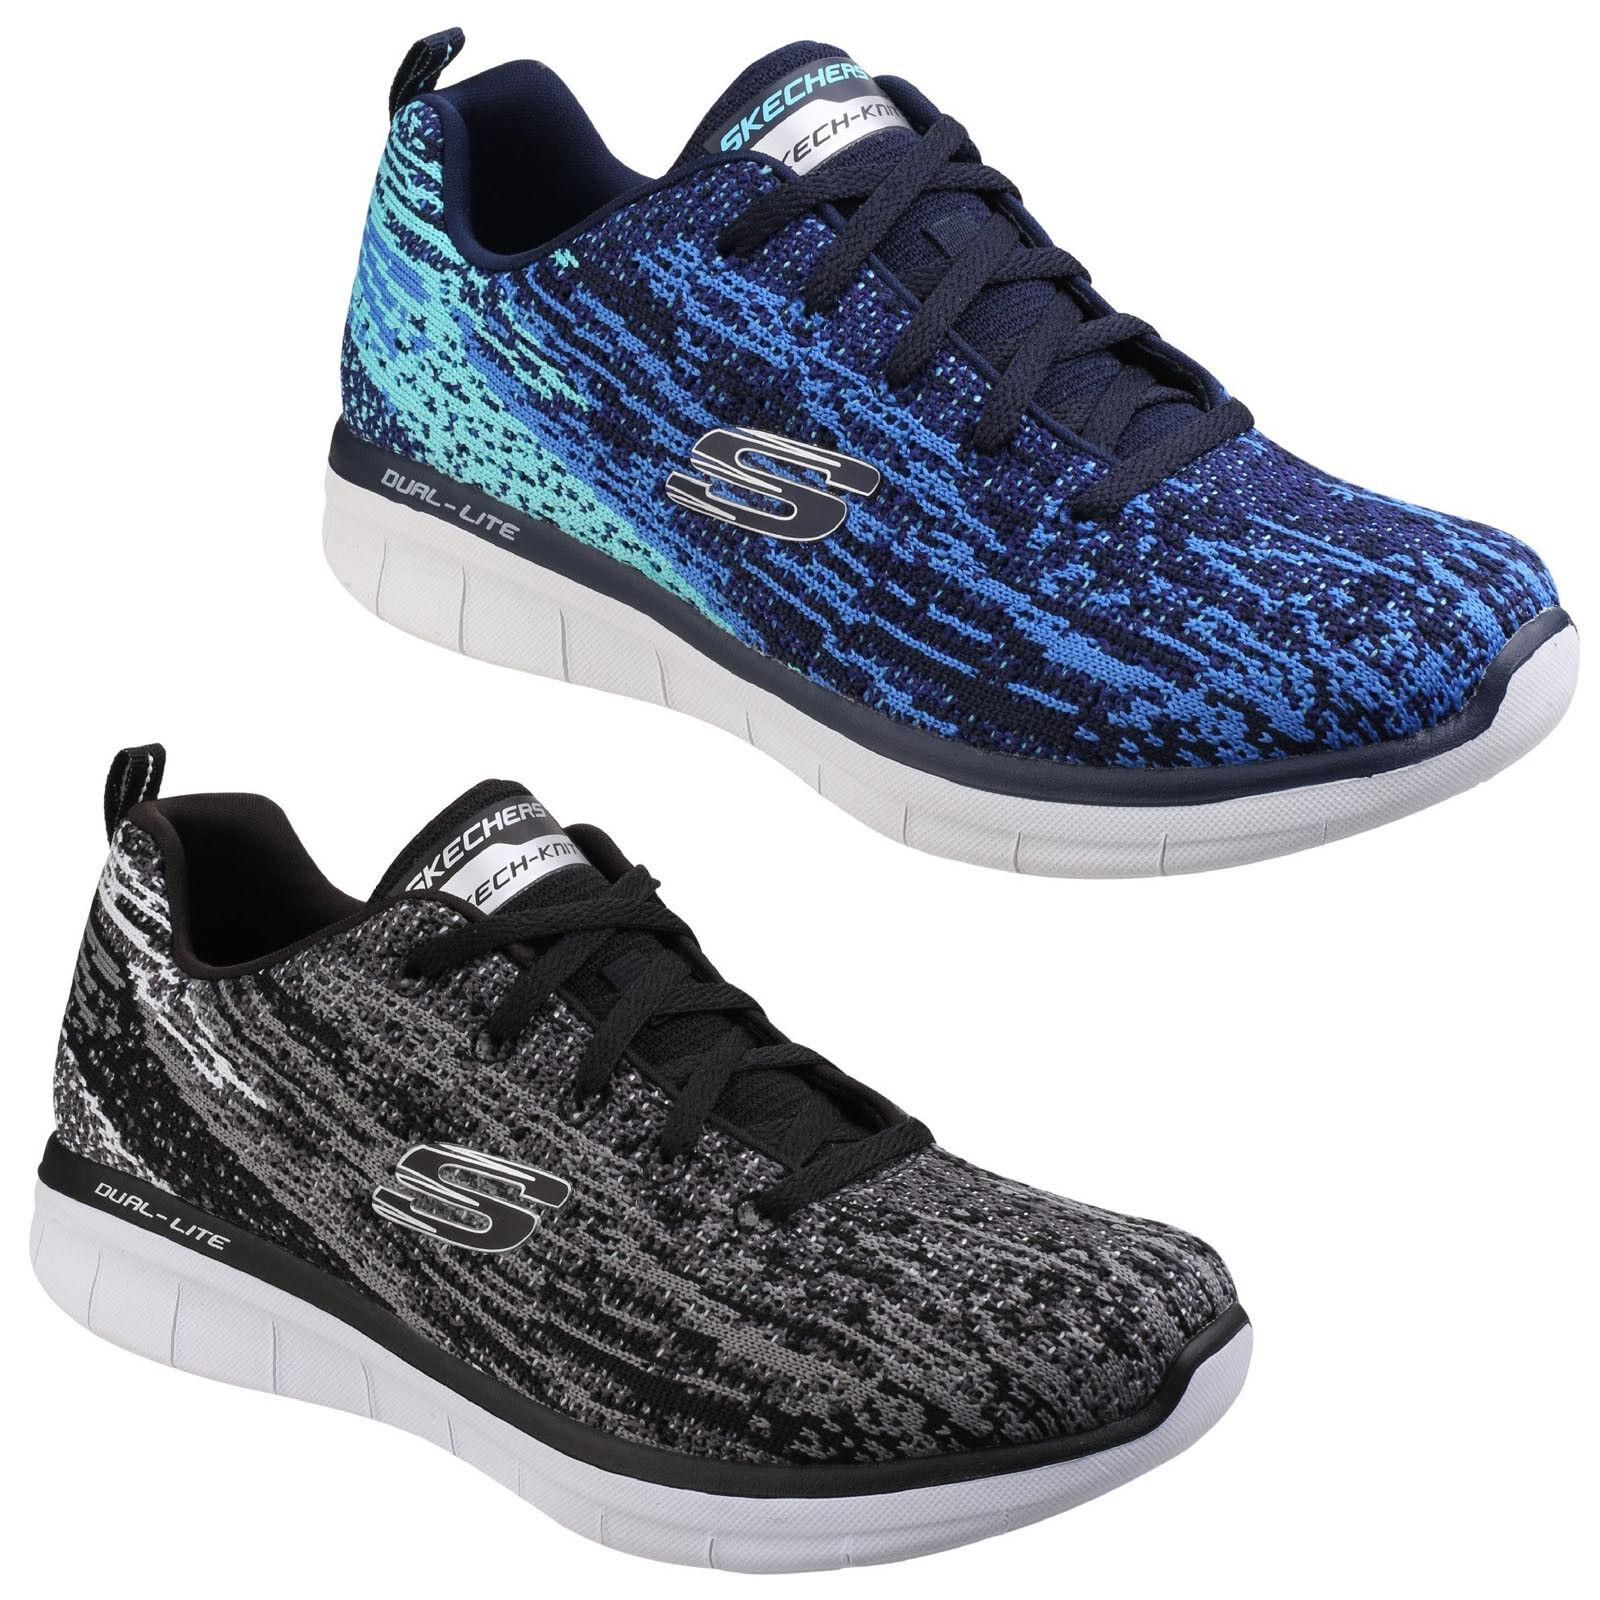 Zapatos promocionales para hombres y mujeres Skechers Synergy 2.0 Alto Espíritu Zapatillas mujer espuma viscoelástica DEPORTE